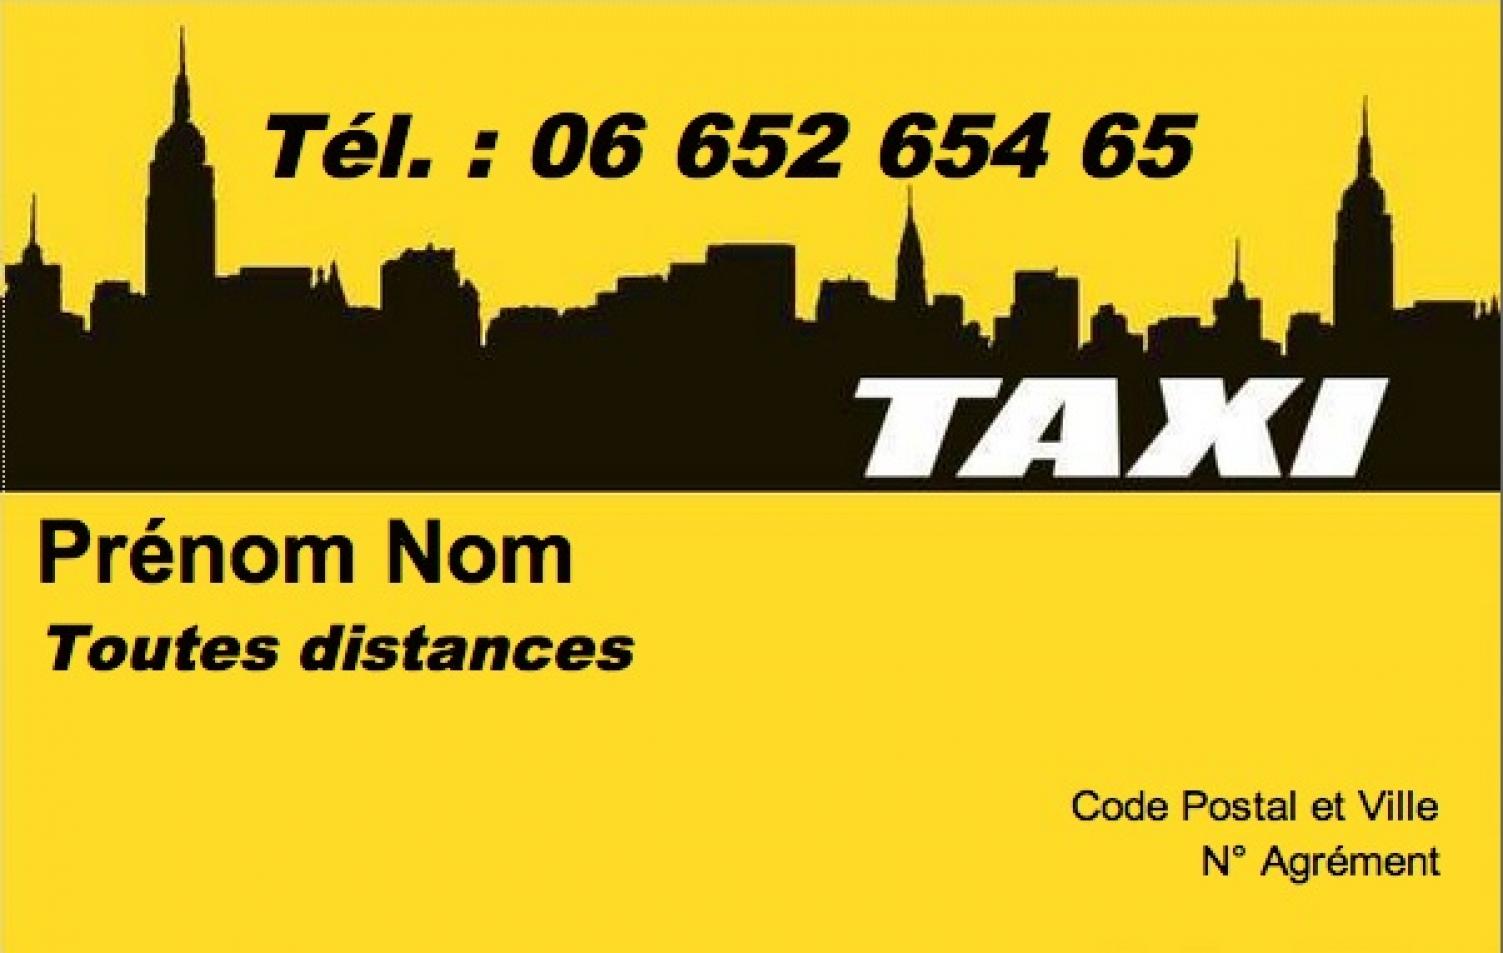 Carte De Visite Taxi Mod Le Gratuit Imprimer Fond Gratuite Sans Frais Port